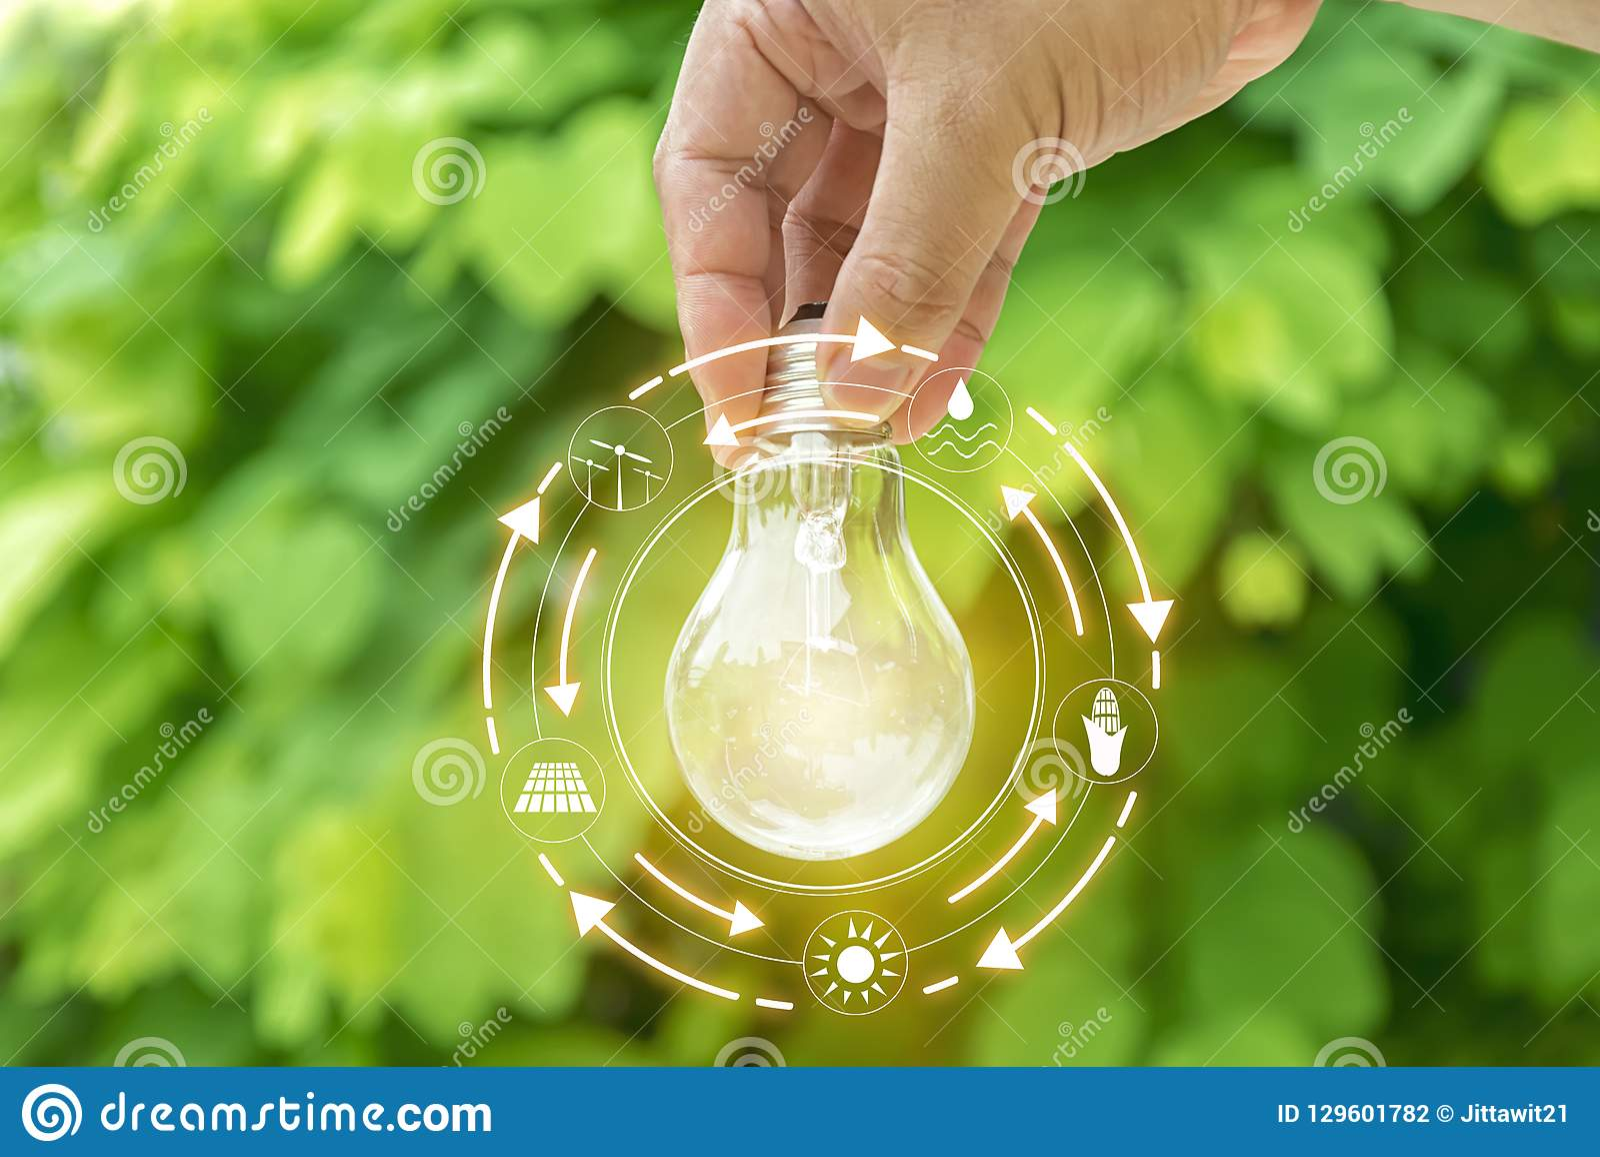 Hållande ljus bulbt för hand många begreppsekologibilder mer min portfölj